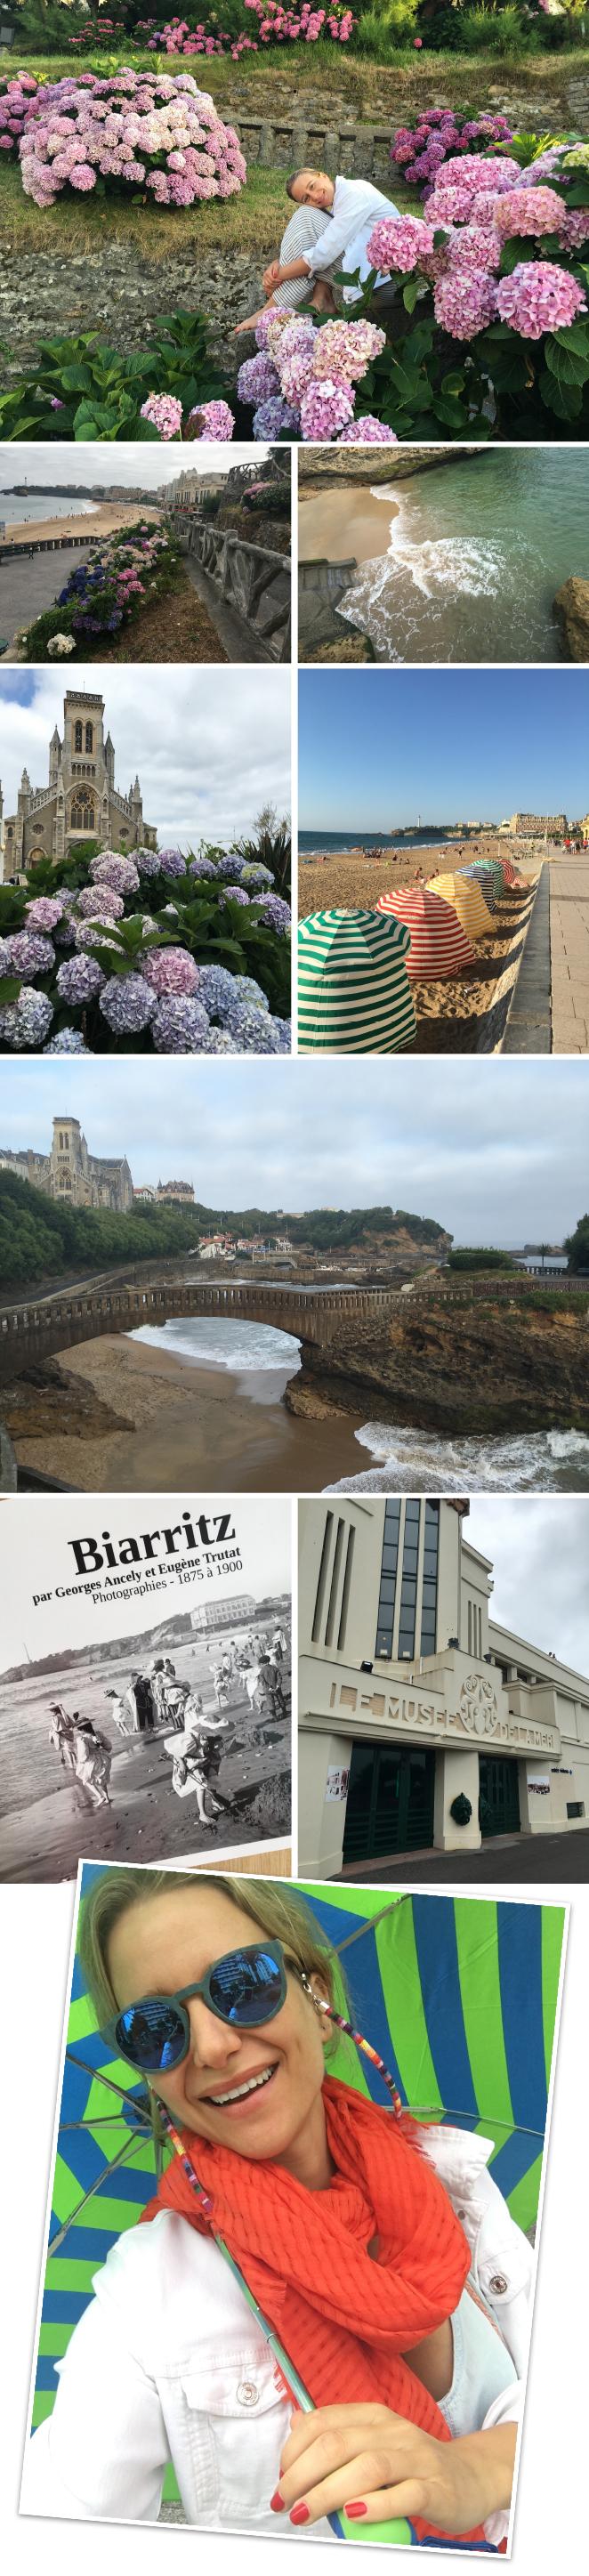 Biarritz da mucho de sí para hacer todo tipo de planes. Podréis disfrutar de la ciudad, la playa y también perderos por el campo. Para los amantes del surf éste también es un destino muy apetecible. Eso sí, en la maleta no hay que olvidarse de meter un jersey y chubasquero porque lo necesitareis seguro!!